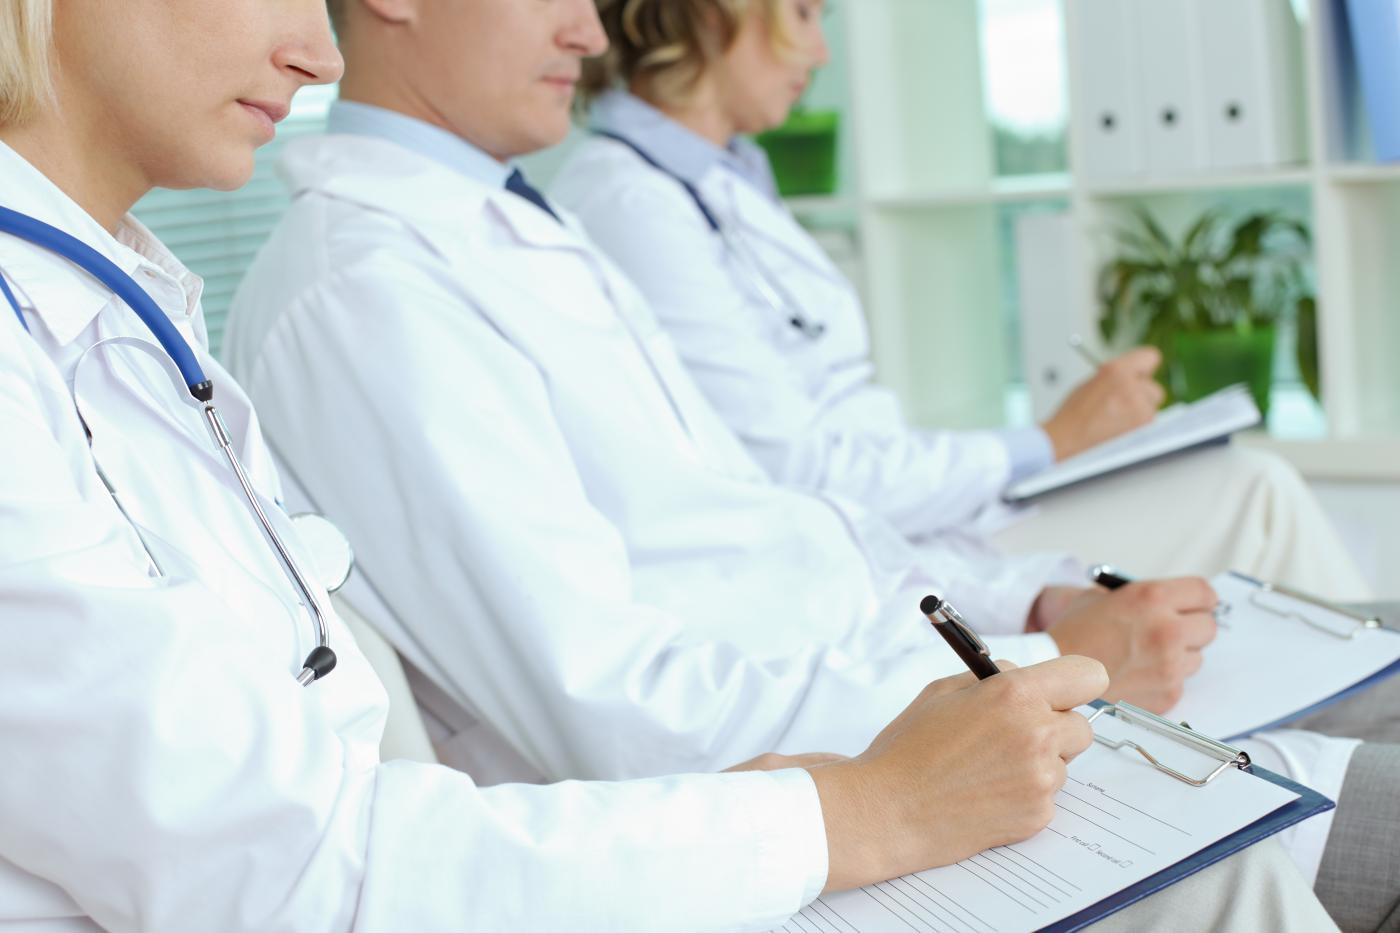 ВоВладикавказе пробуют сократить главврача медицинской клиники